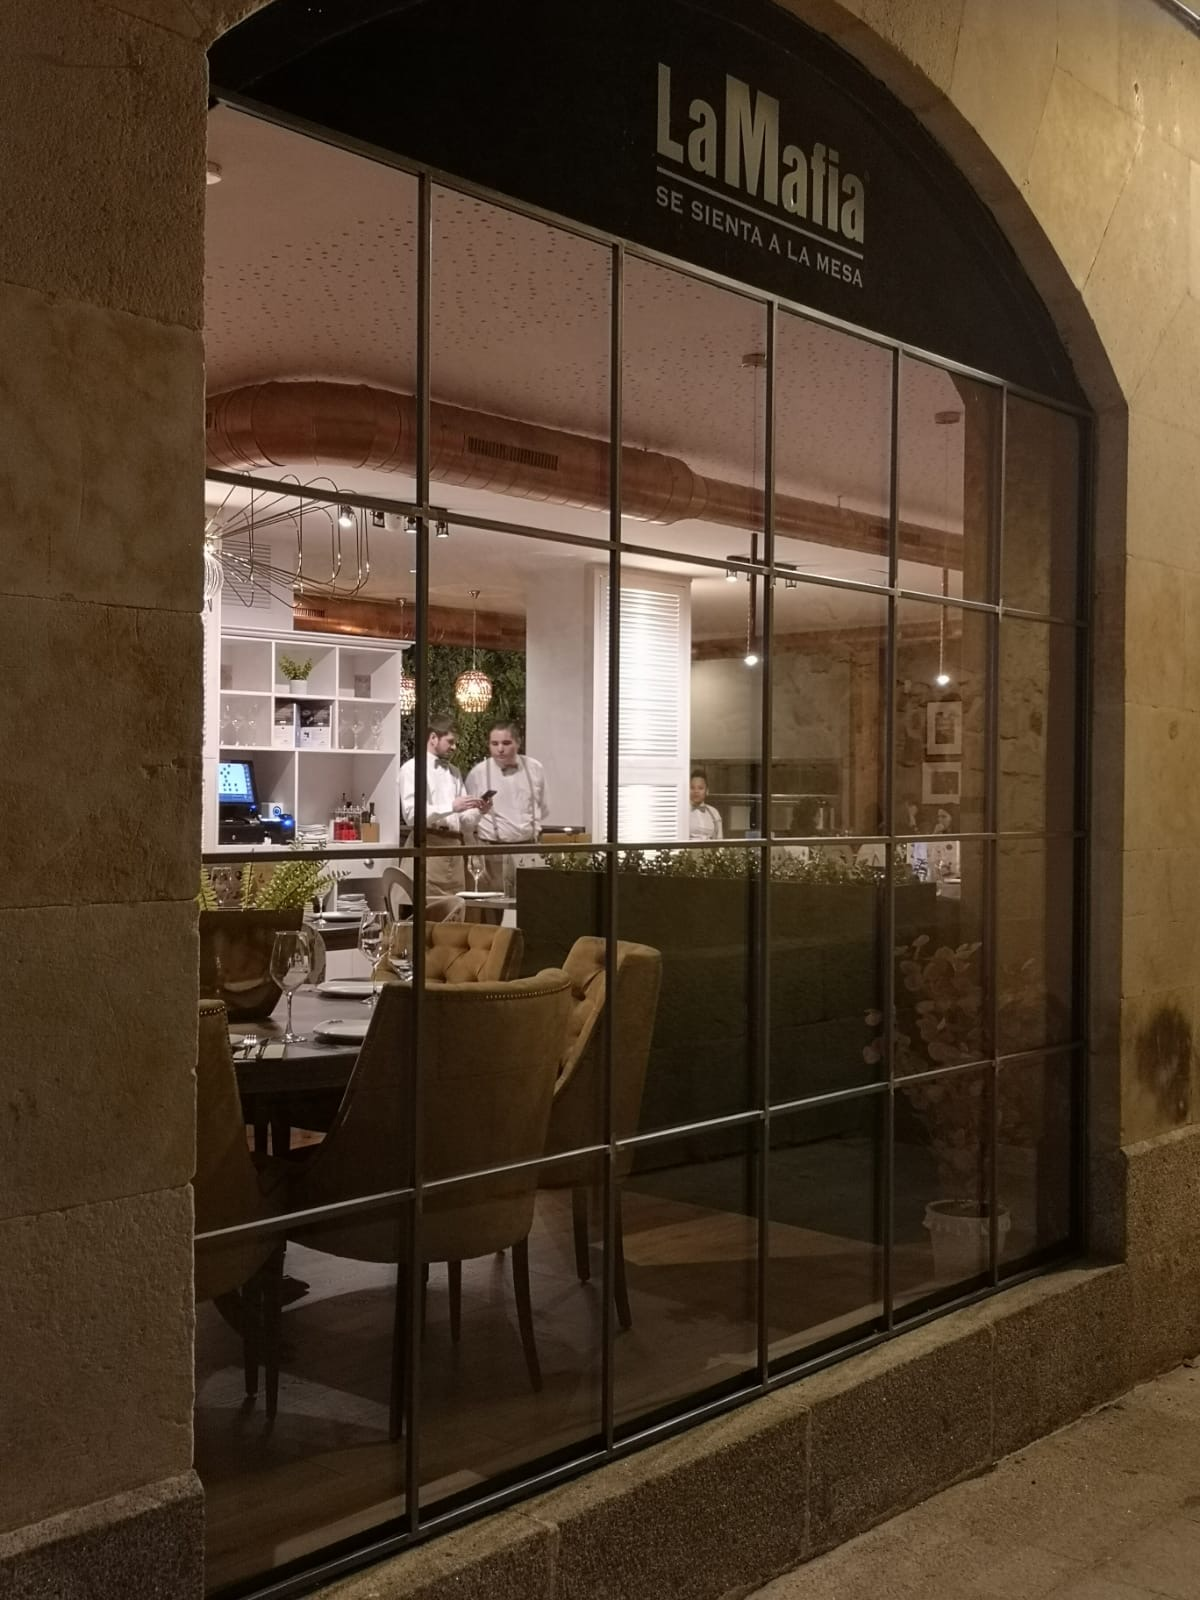 salamanca 9 - 'La Mafia se sienta a la mesa' llega a Salamanca